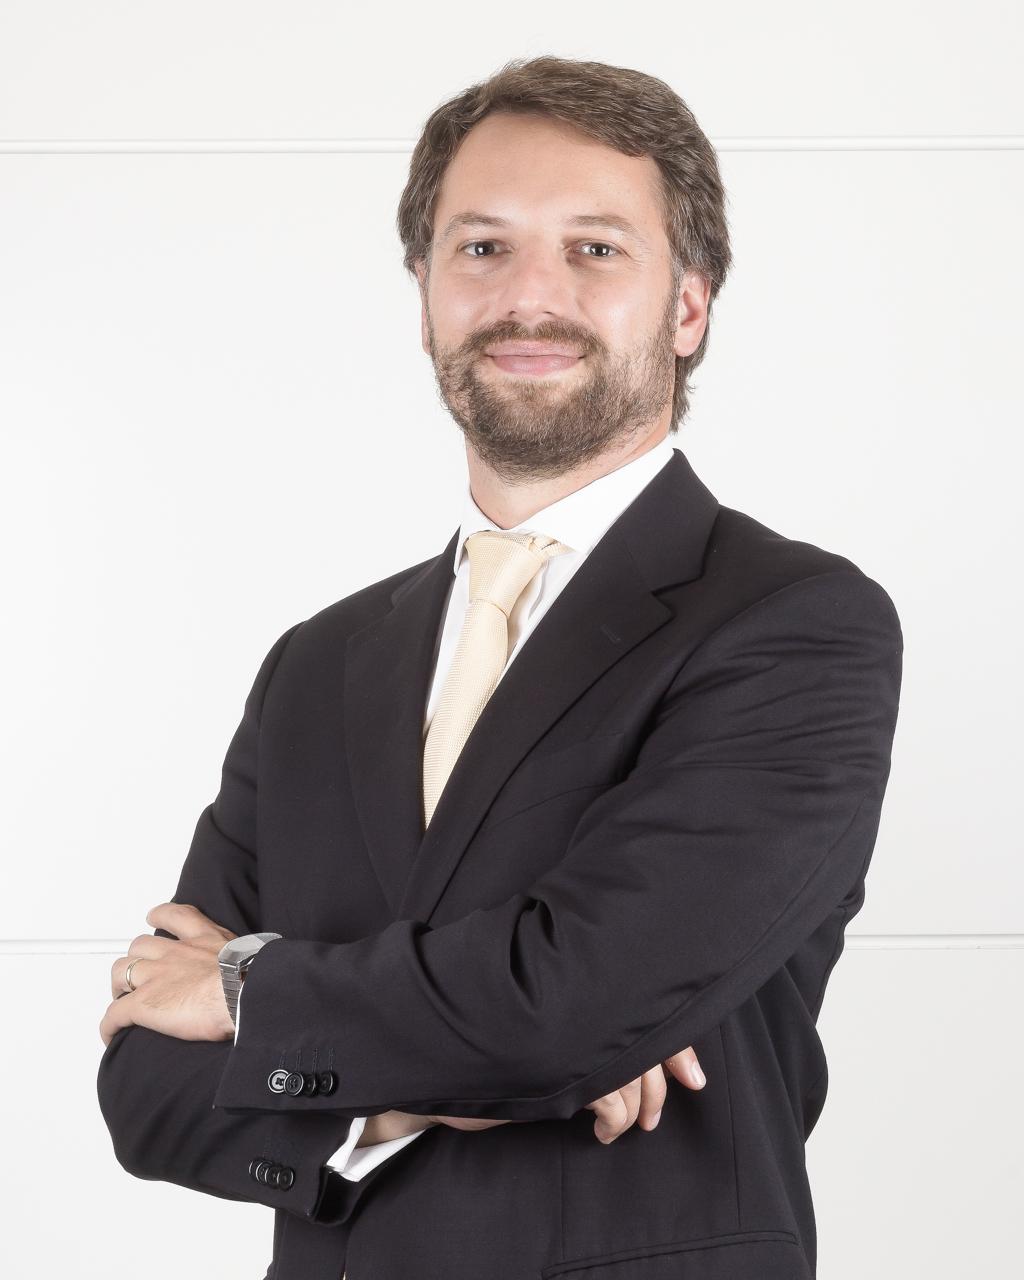 Sérgio Alves Ribeiro